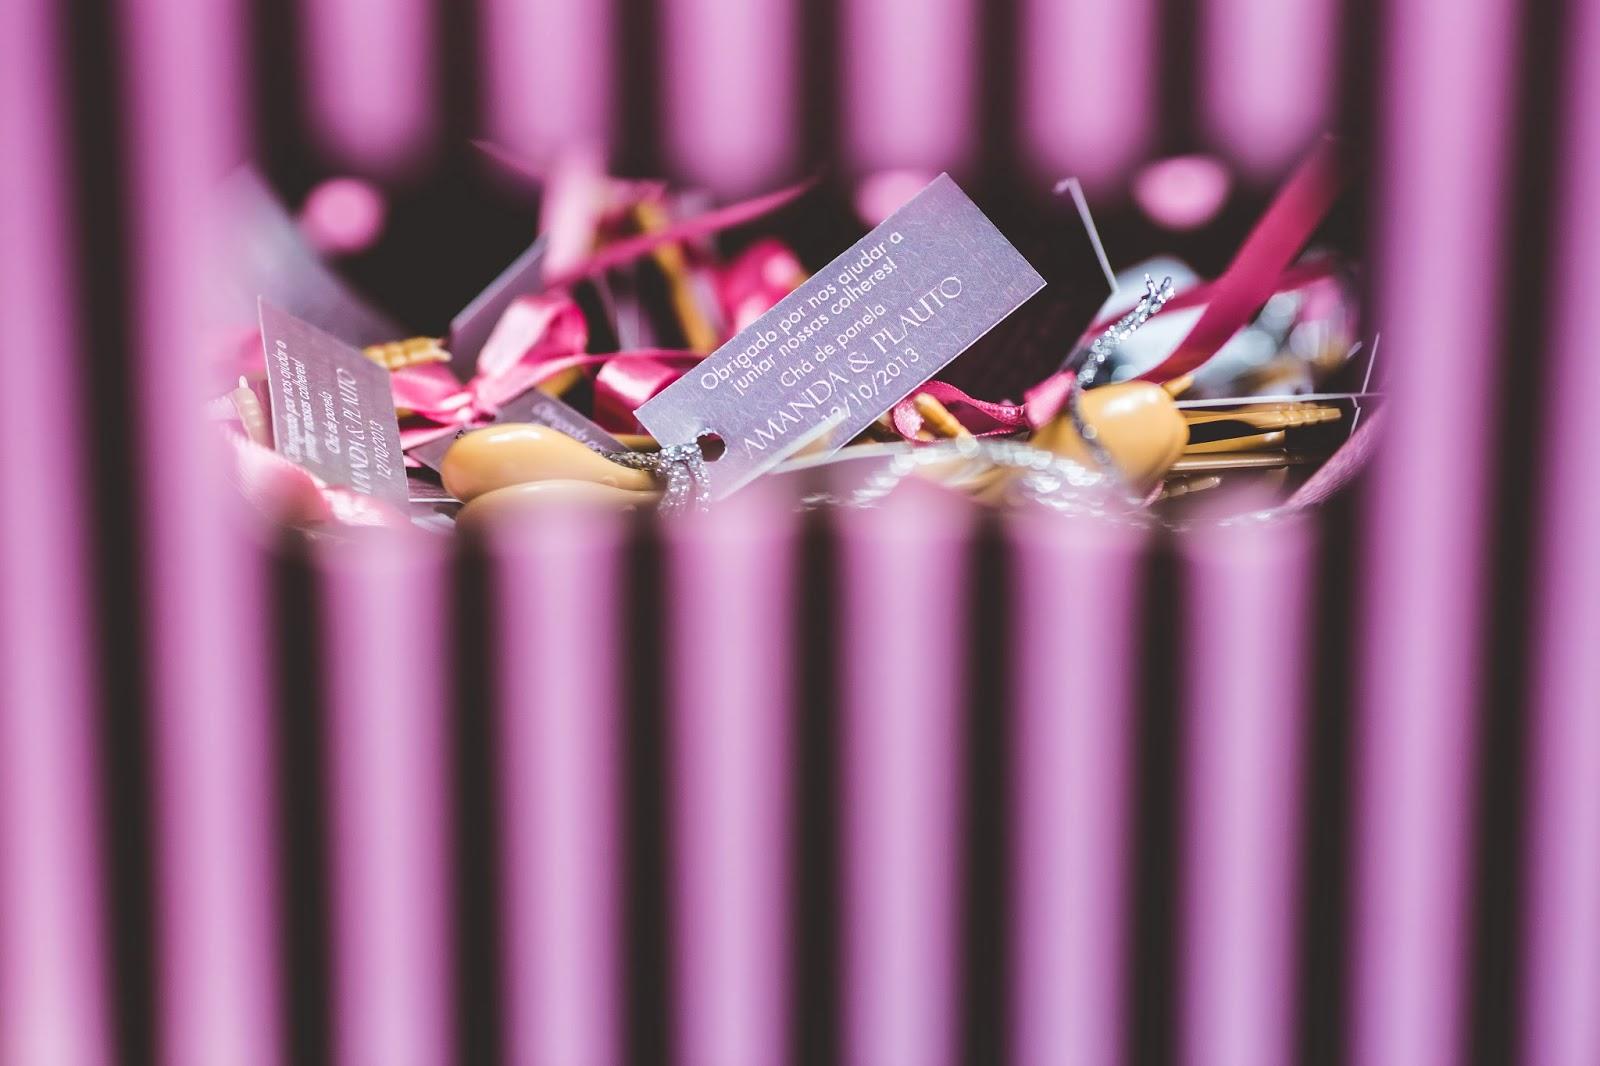 cha - cha de panela - cha rosa marrom - paleta rosa marrom - lembrancinhas - tags - papelaria - colherzinhas pau